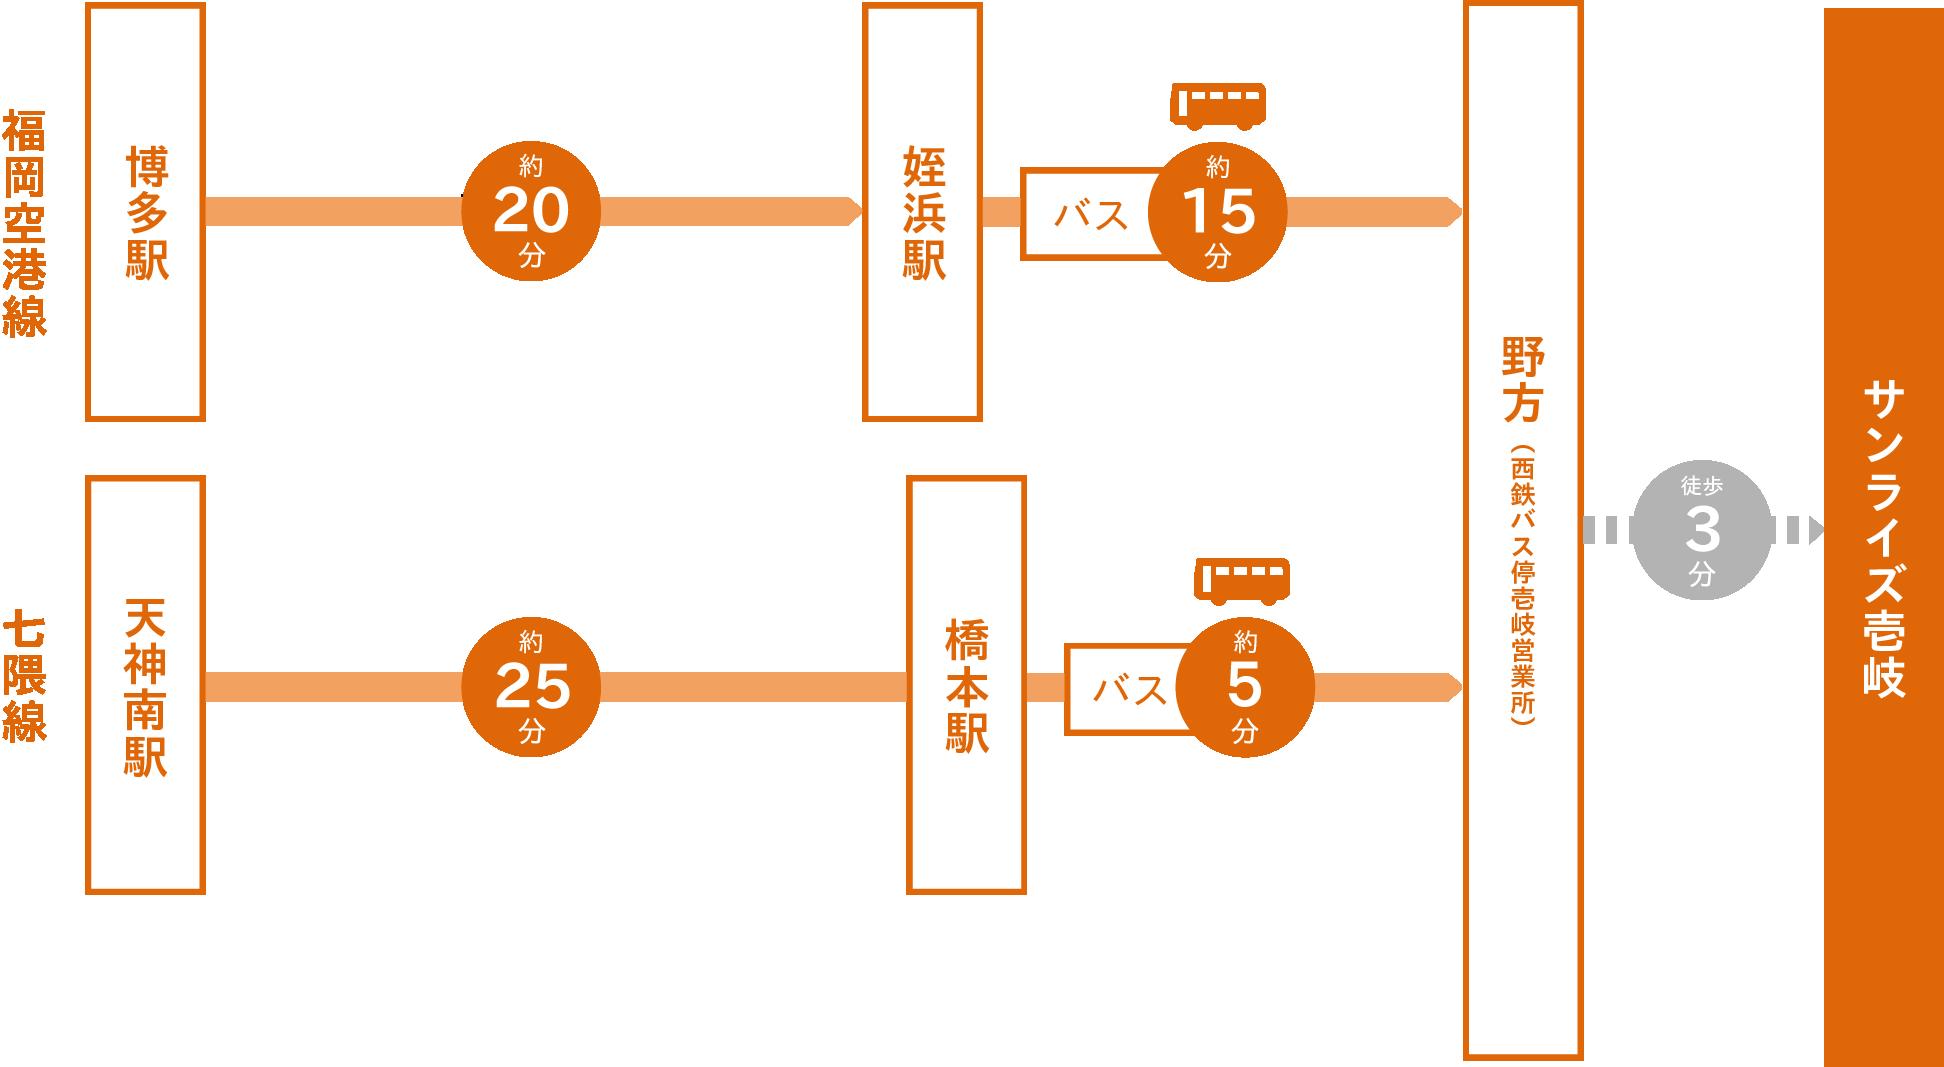 地下鉄とバスでサンライズ壱岐までの所要時間:福岡空港線博多駅から約20分乗車し、姪浜駅よりバスに約15分乗車。 七隈線天神南駅から約25分乗車し、橋本駅よりバスに約5分乗車。バスを野方(西鉄バス停壱岐営業所)で下車して徒歩3分。